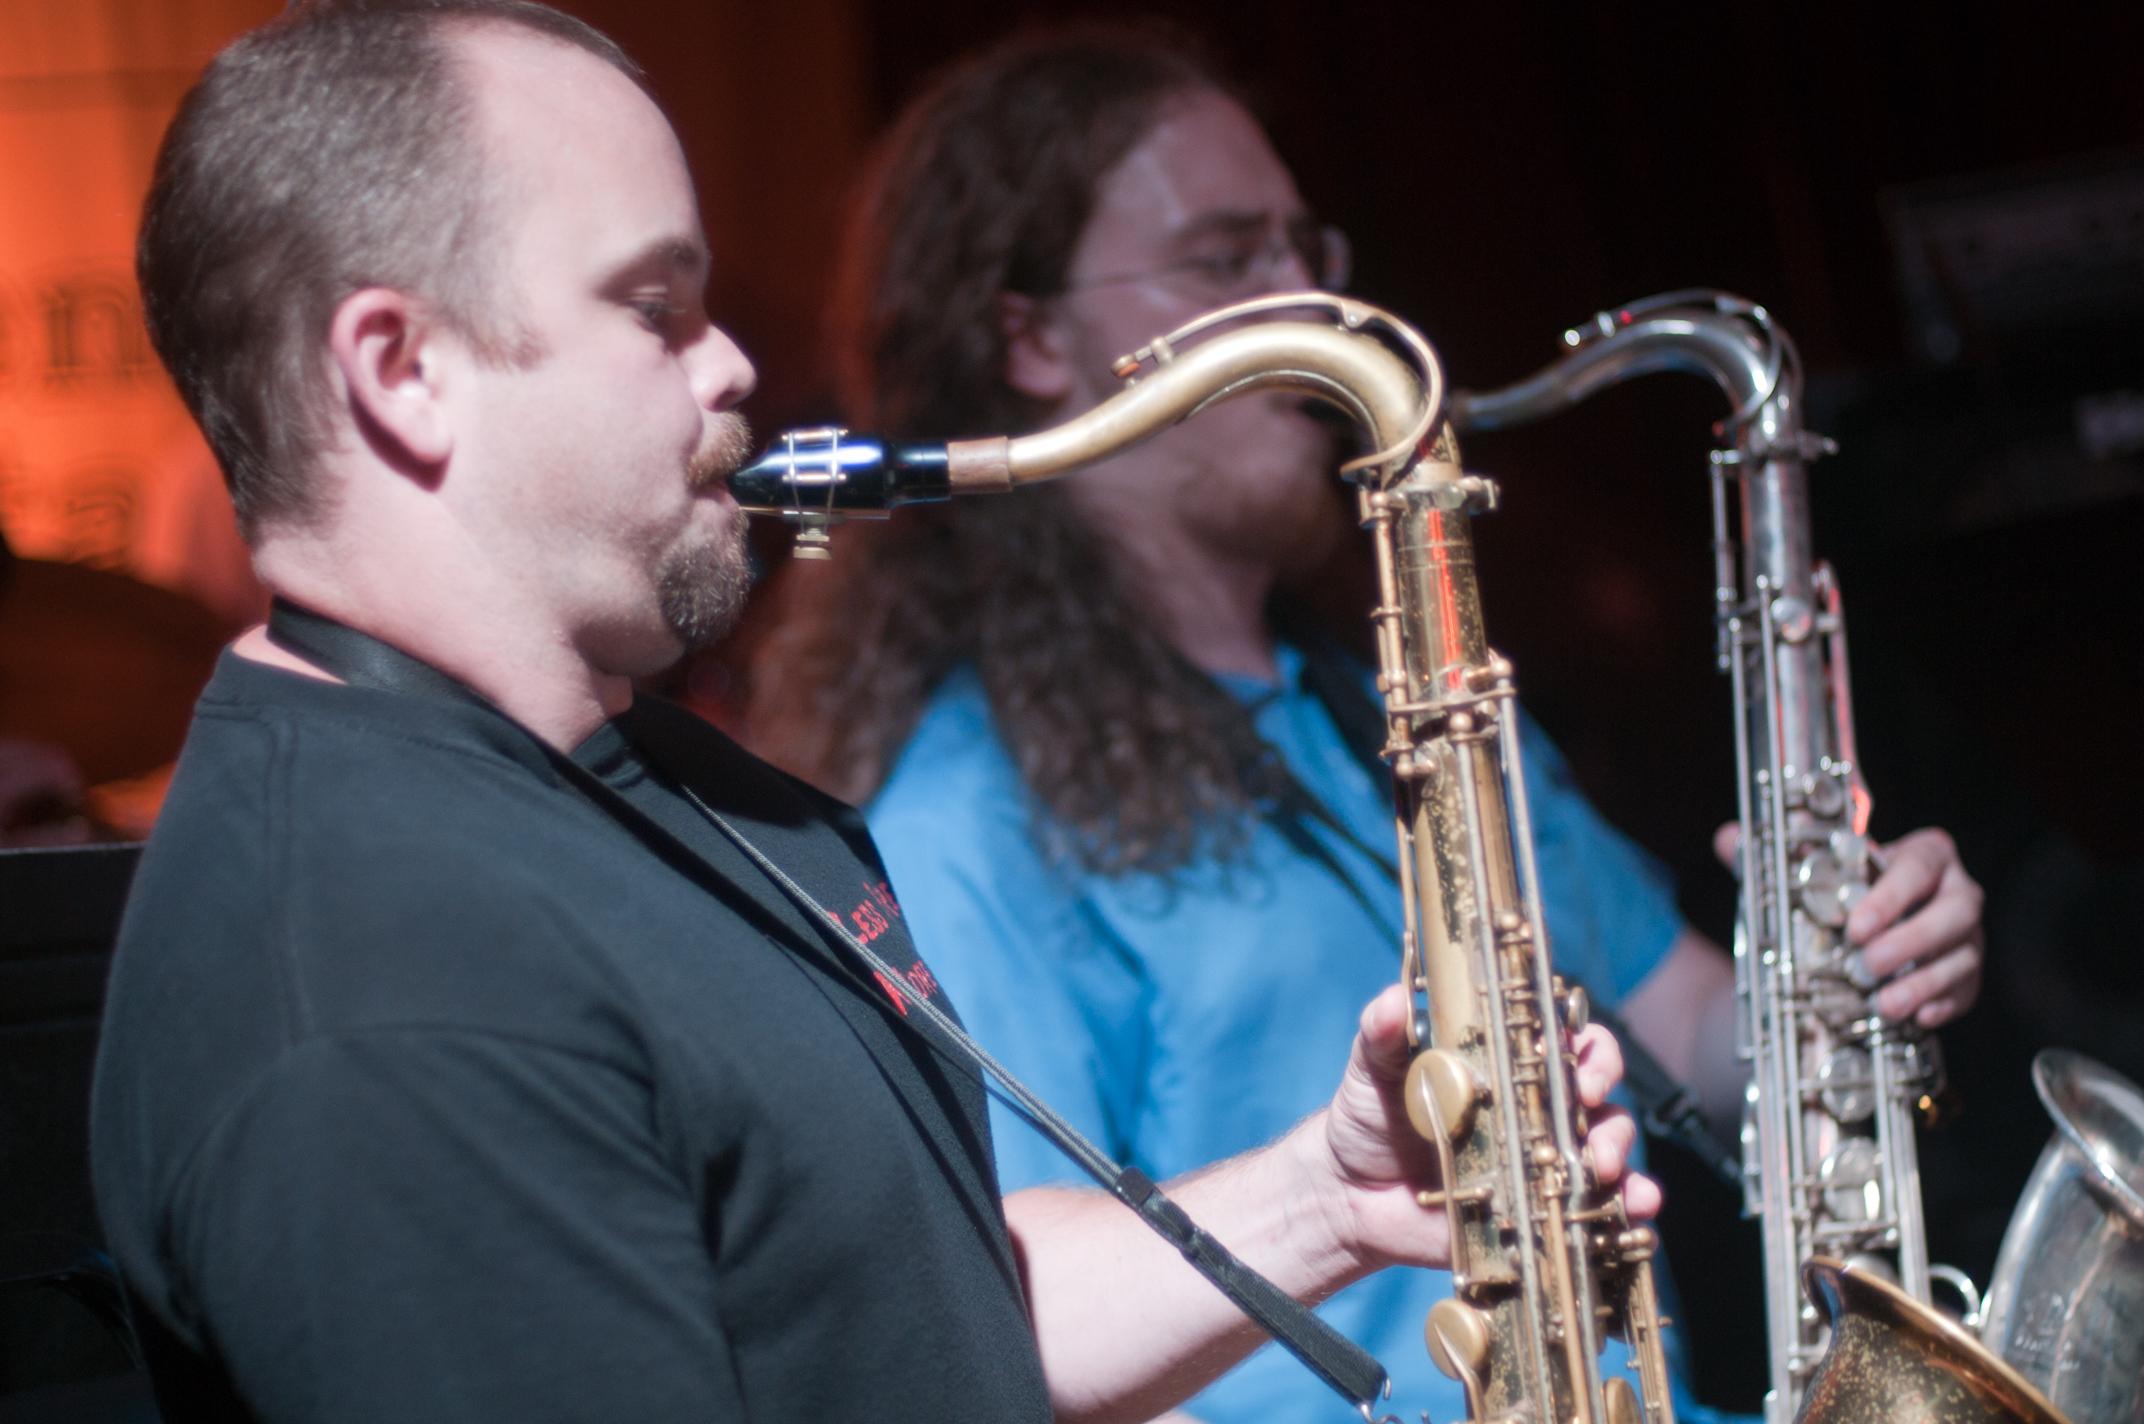 John Lilley and Jason Scott